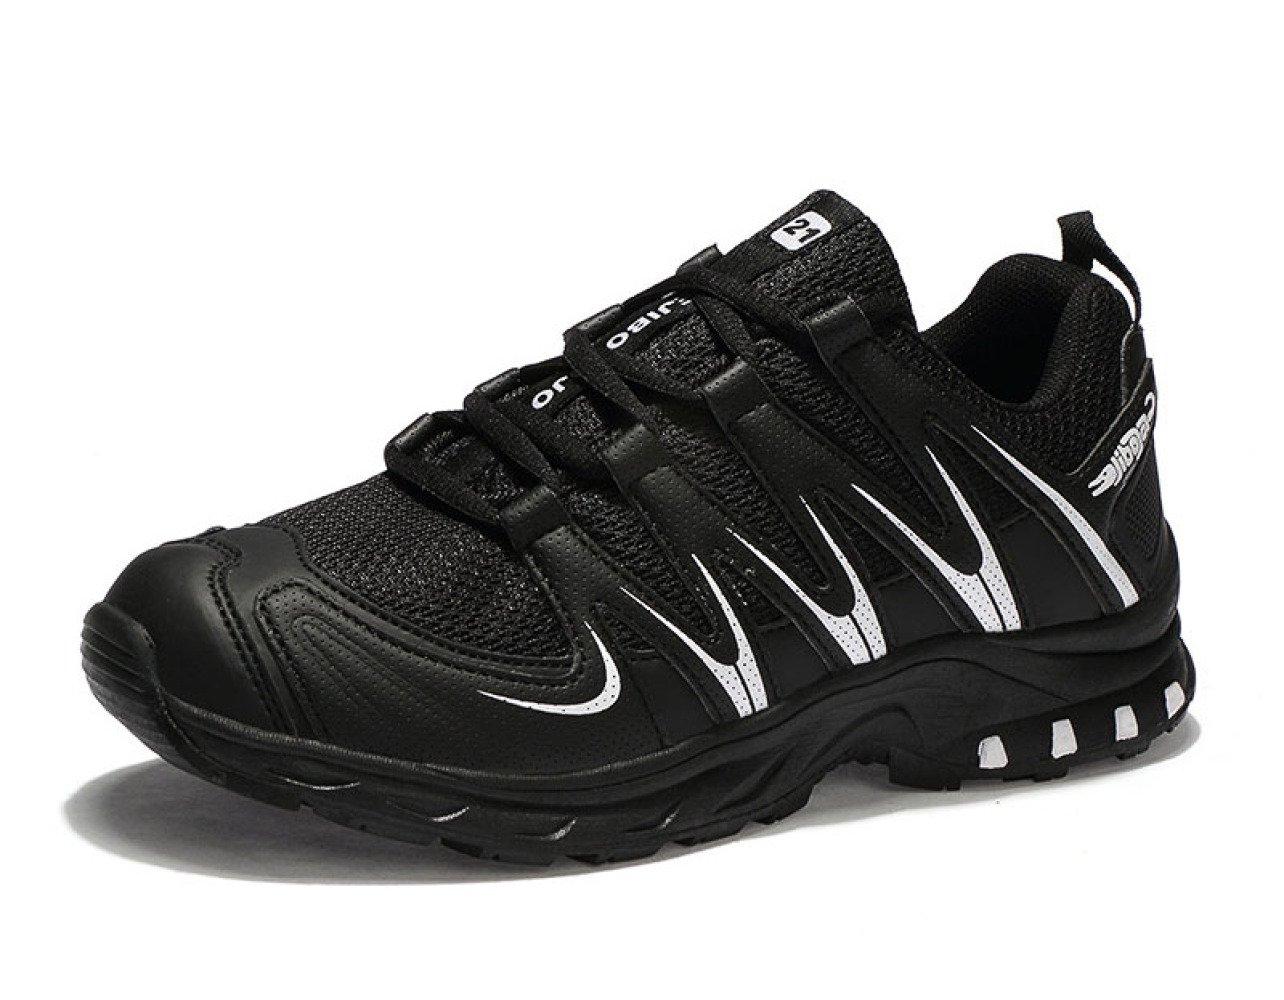 MUYII Zapatillas De Running Para Hombre Zapatillas De Deporte Respirables De Moda Encaje De Malla Suela Suave Casual Ligero Atlético,BlackWhite-EU42 EU42|BlackWhite